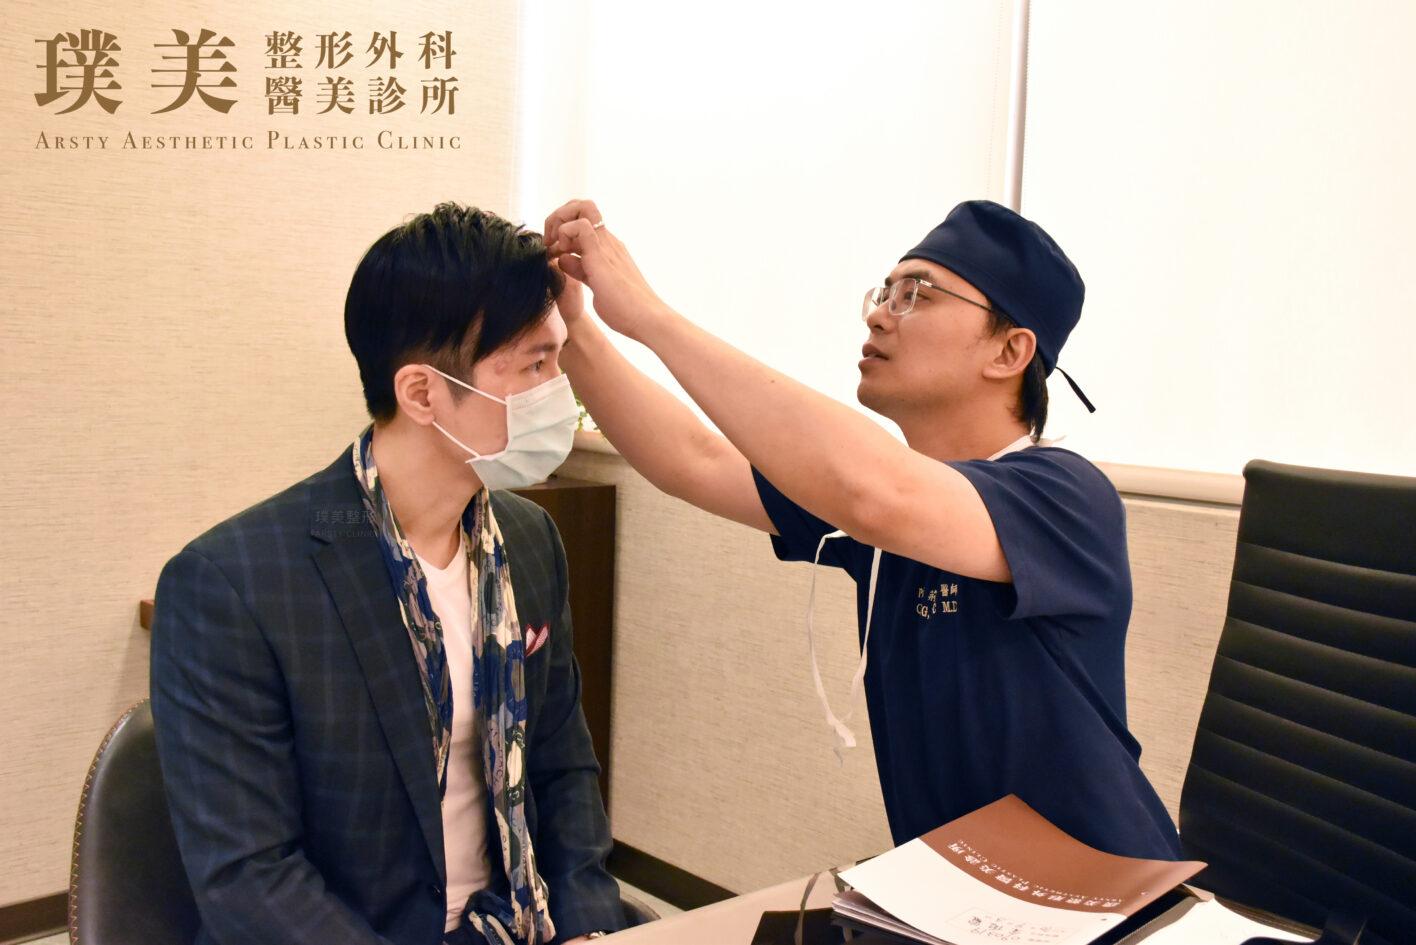 內視鏡提眉 縫雙眼皮 C211203BA1M01 1